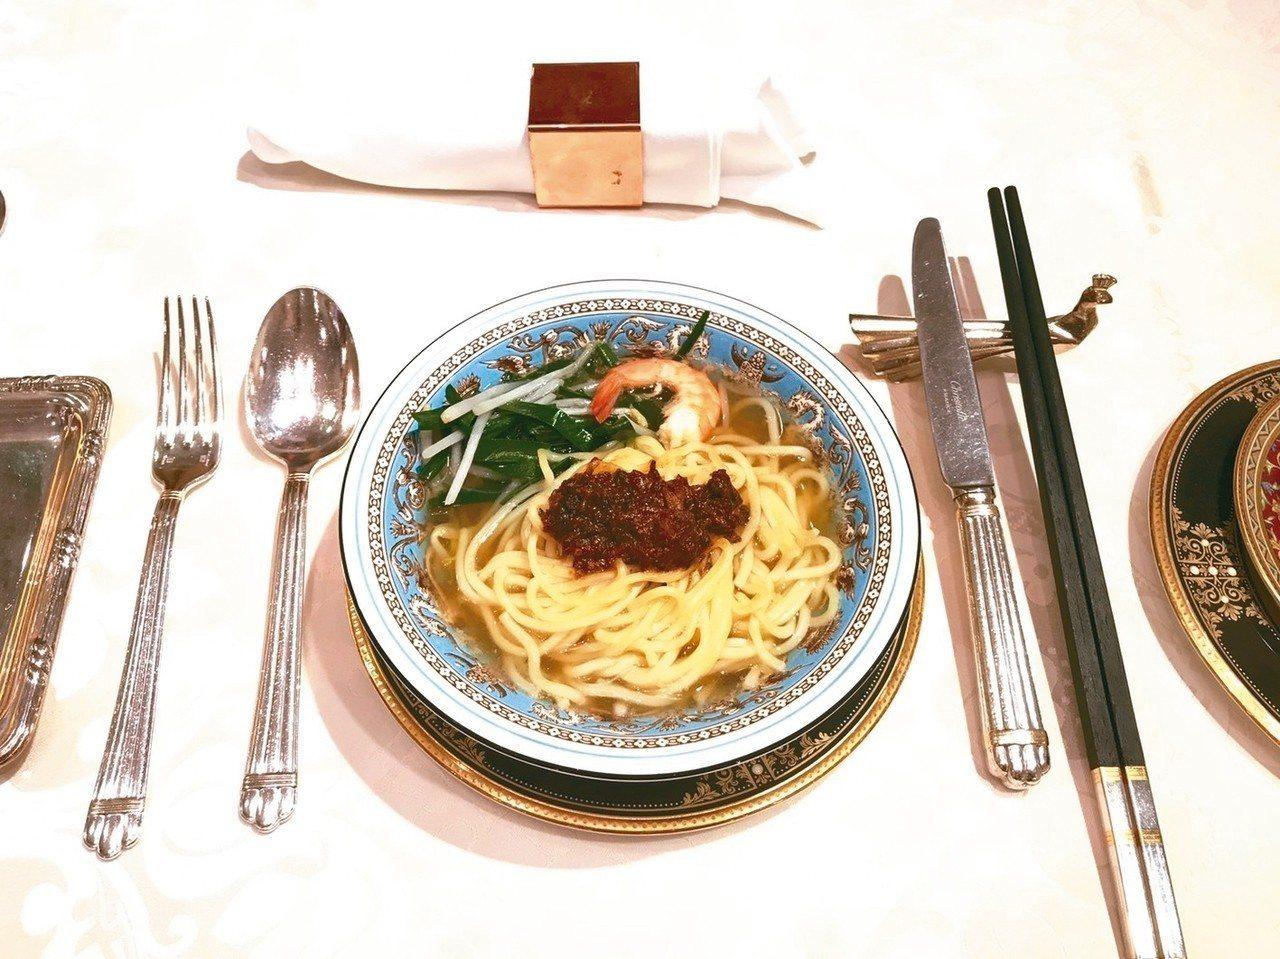 華西街知名海鮮餐廳「台南担仔麵」,從一碗擔仔麵起家。 圖/聯合報系資料照片